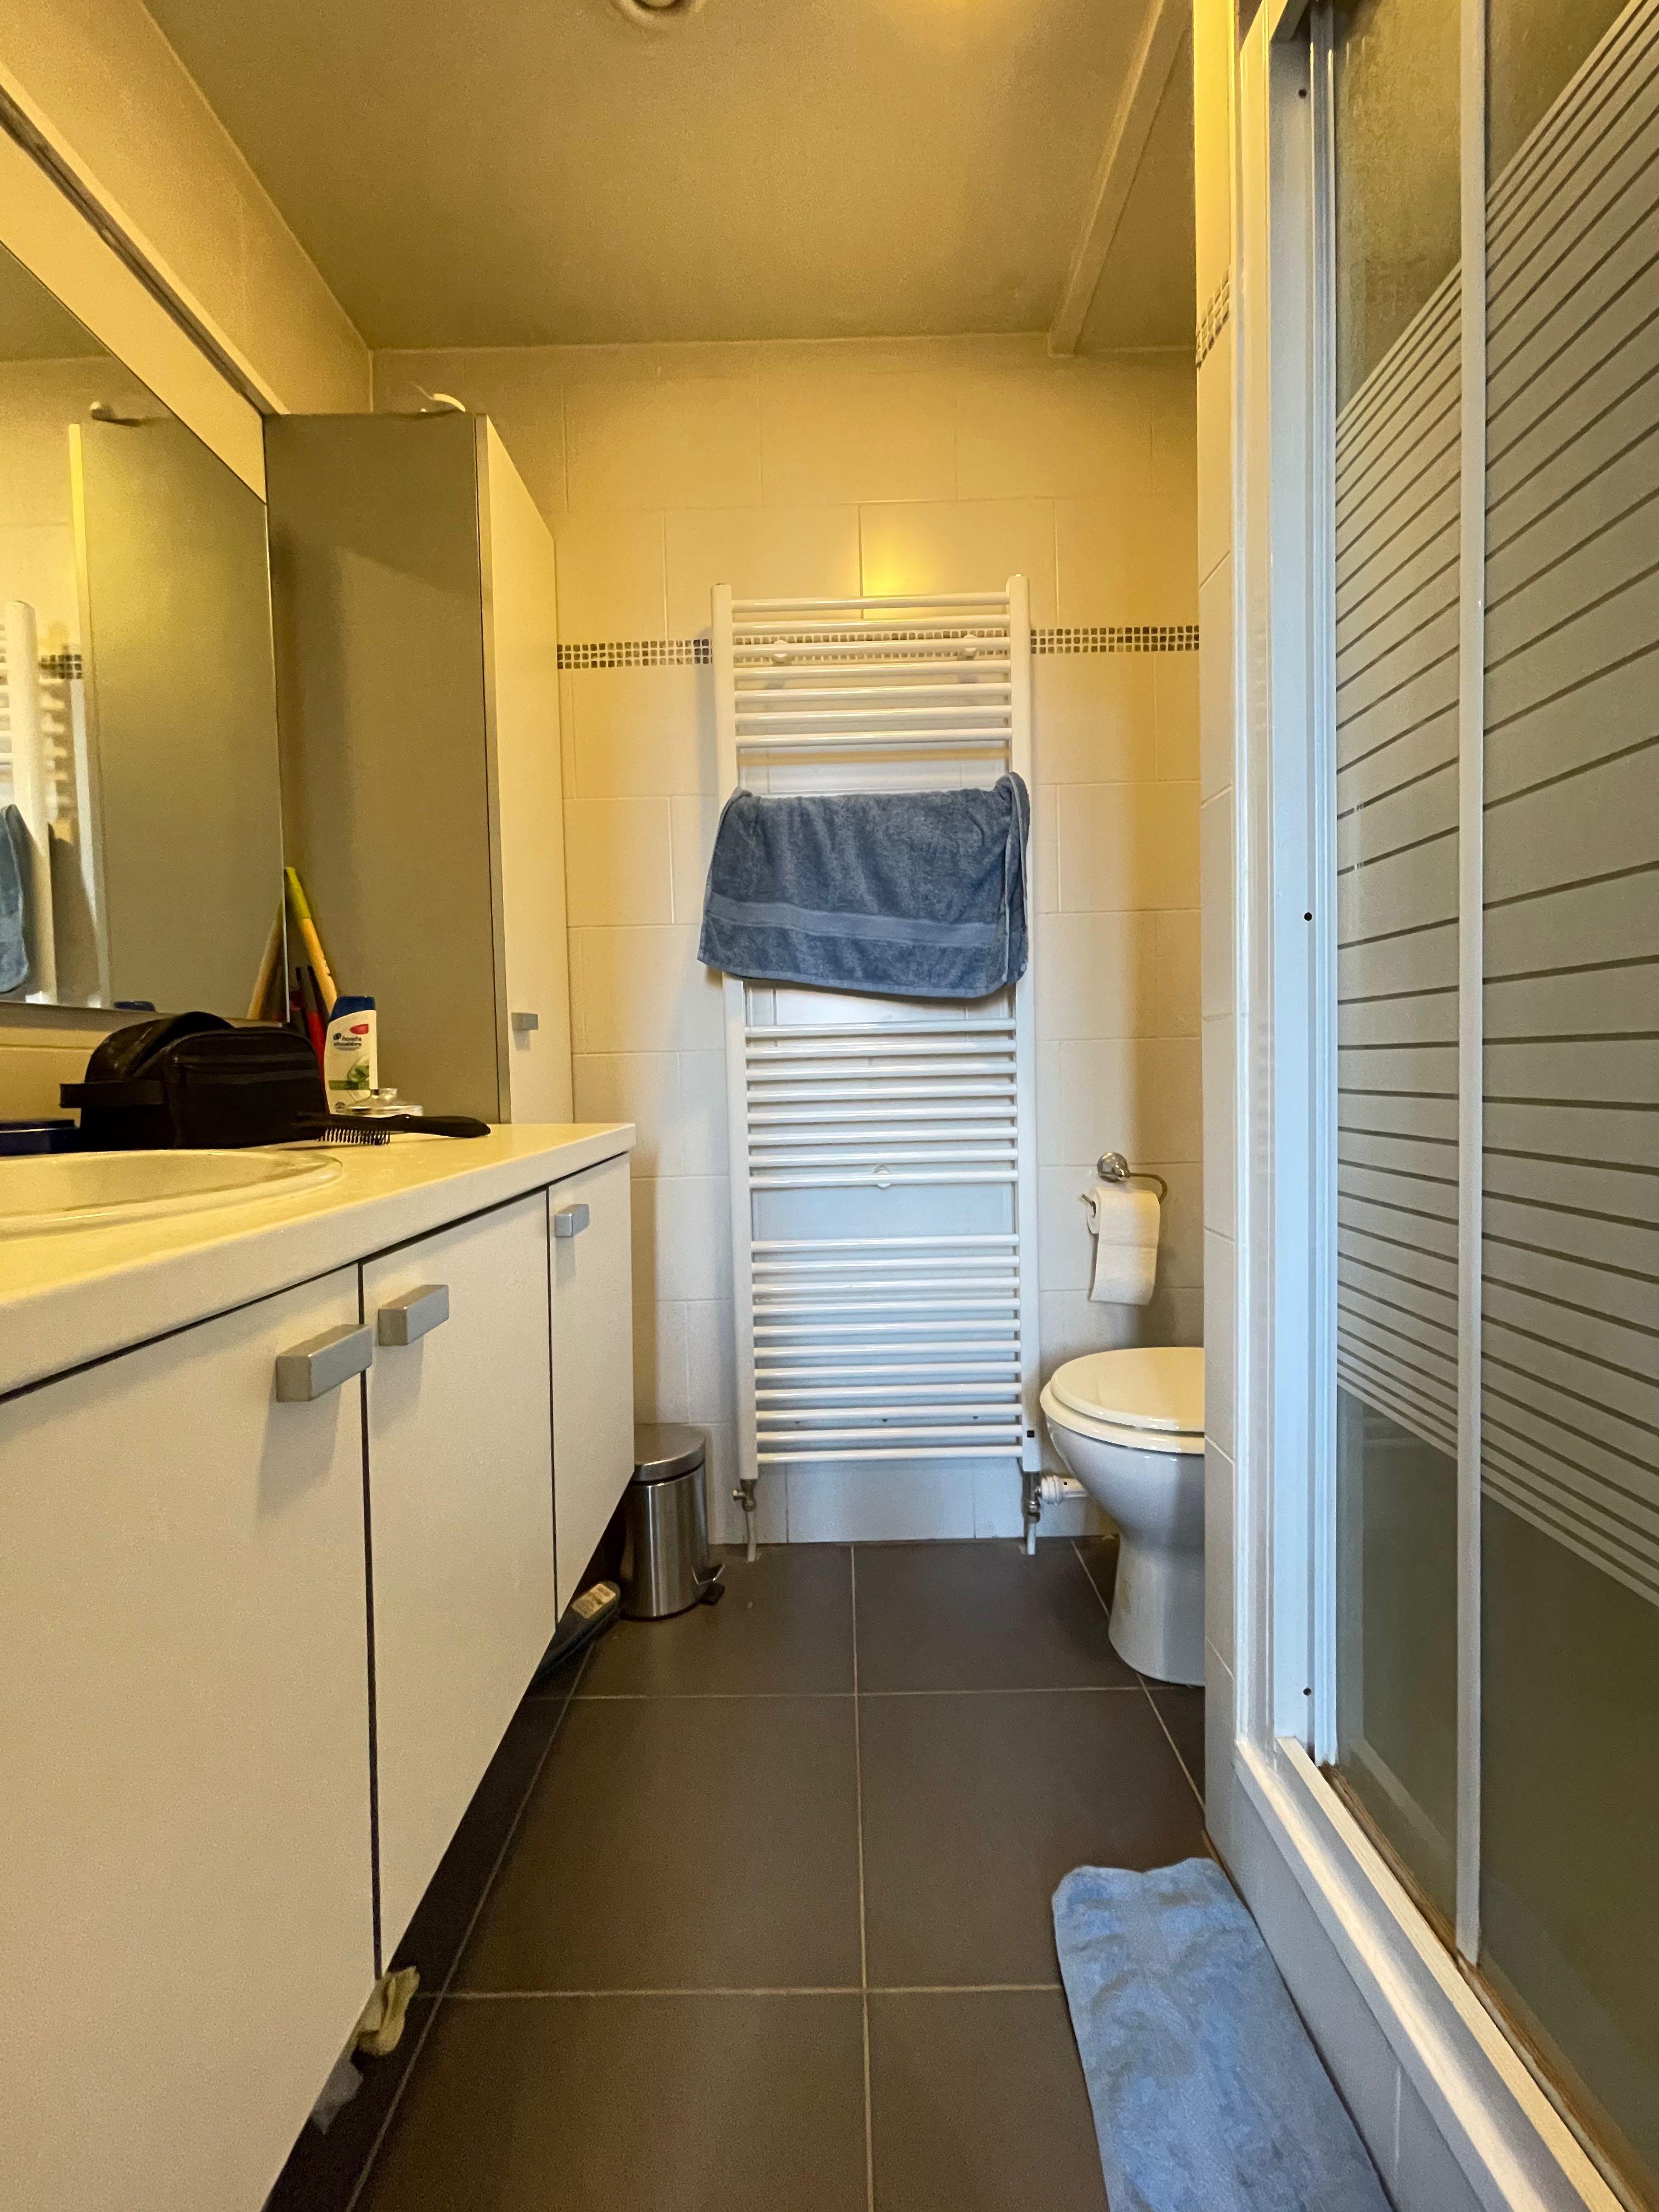 LP2-0202 - badkamer, wastafel, toilet, d